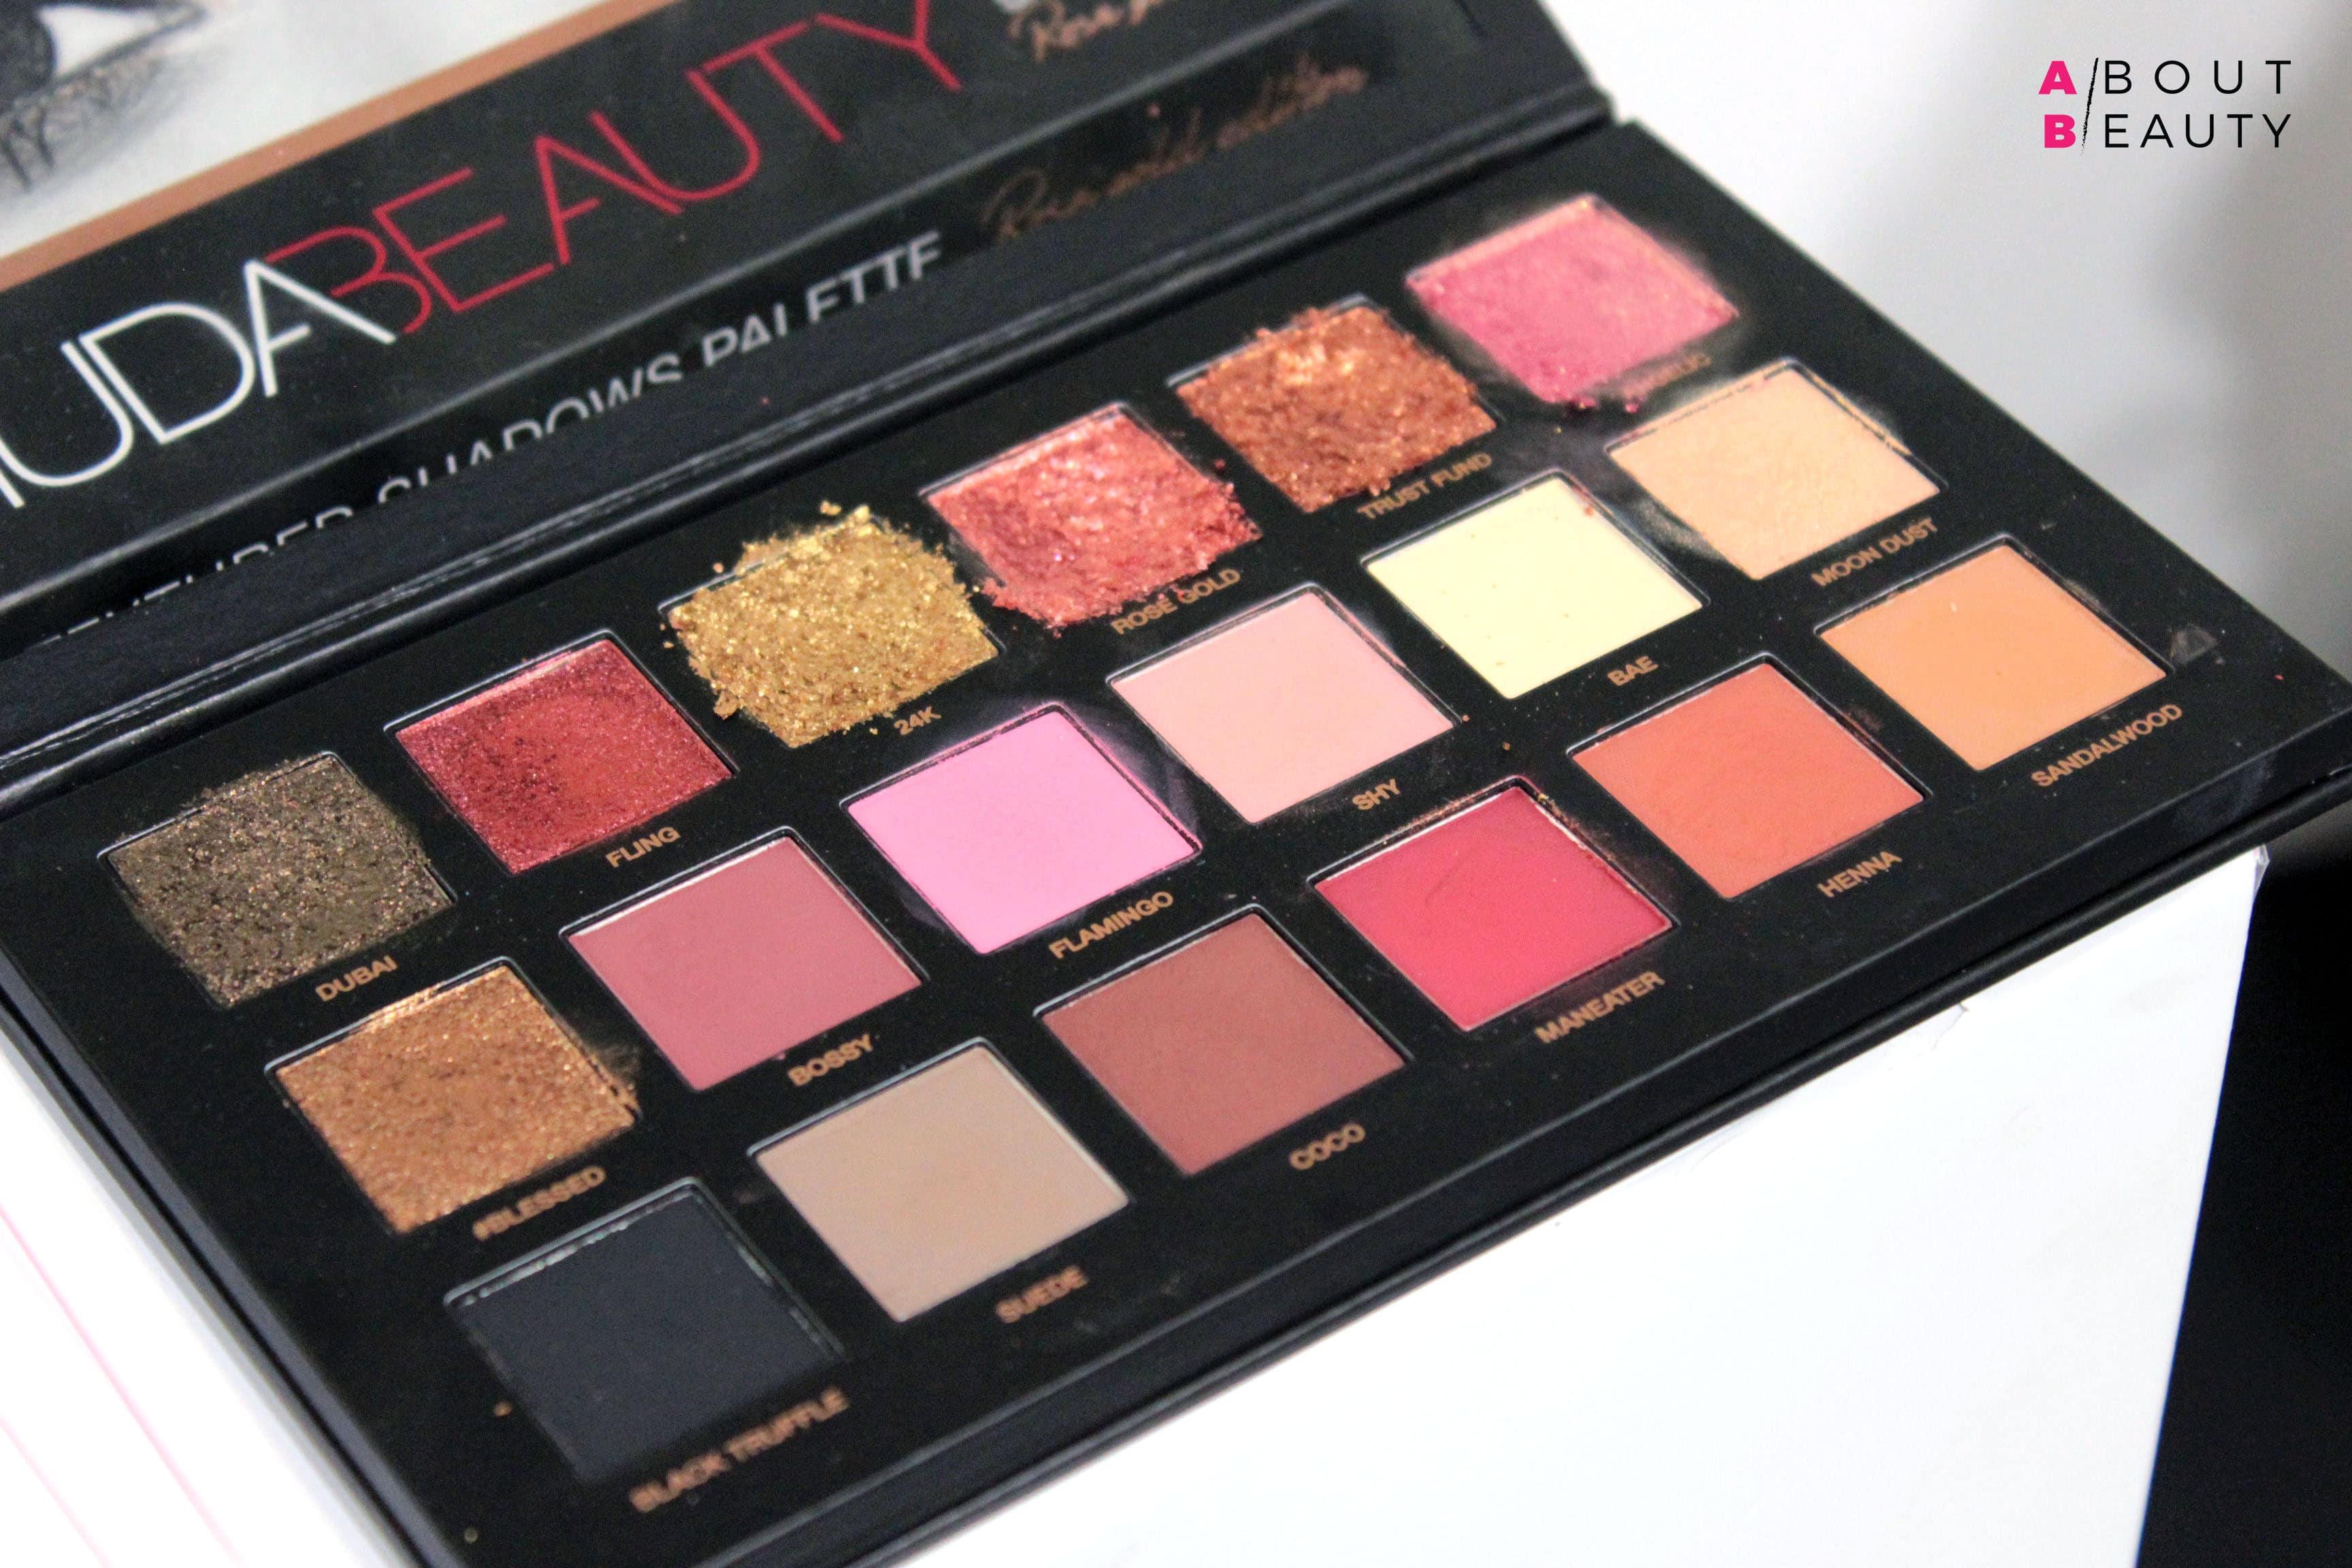 Huda Beauty arriva in Italia: tutti i prodotti presto disponibili da Sephora - Palette di ombretti Rose Gold Edition Eyeshadow Palette